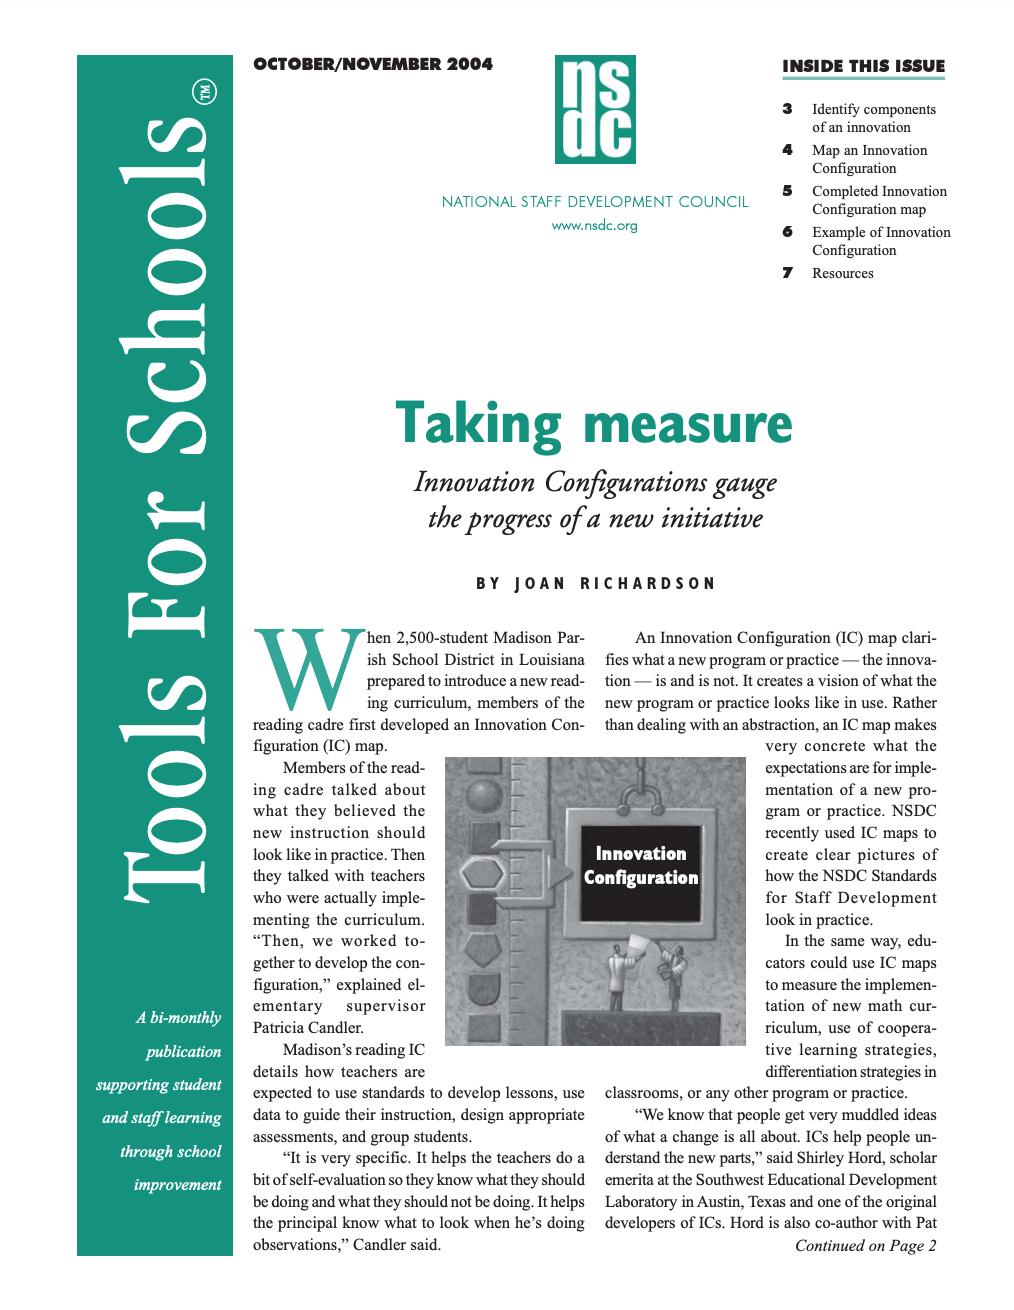 tools-for-schools-october-november-2004-vol-8-no-2